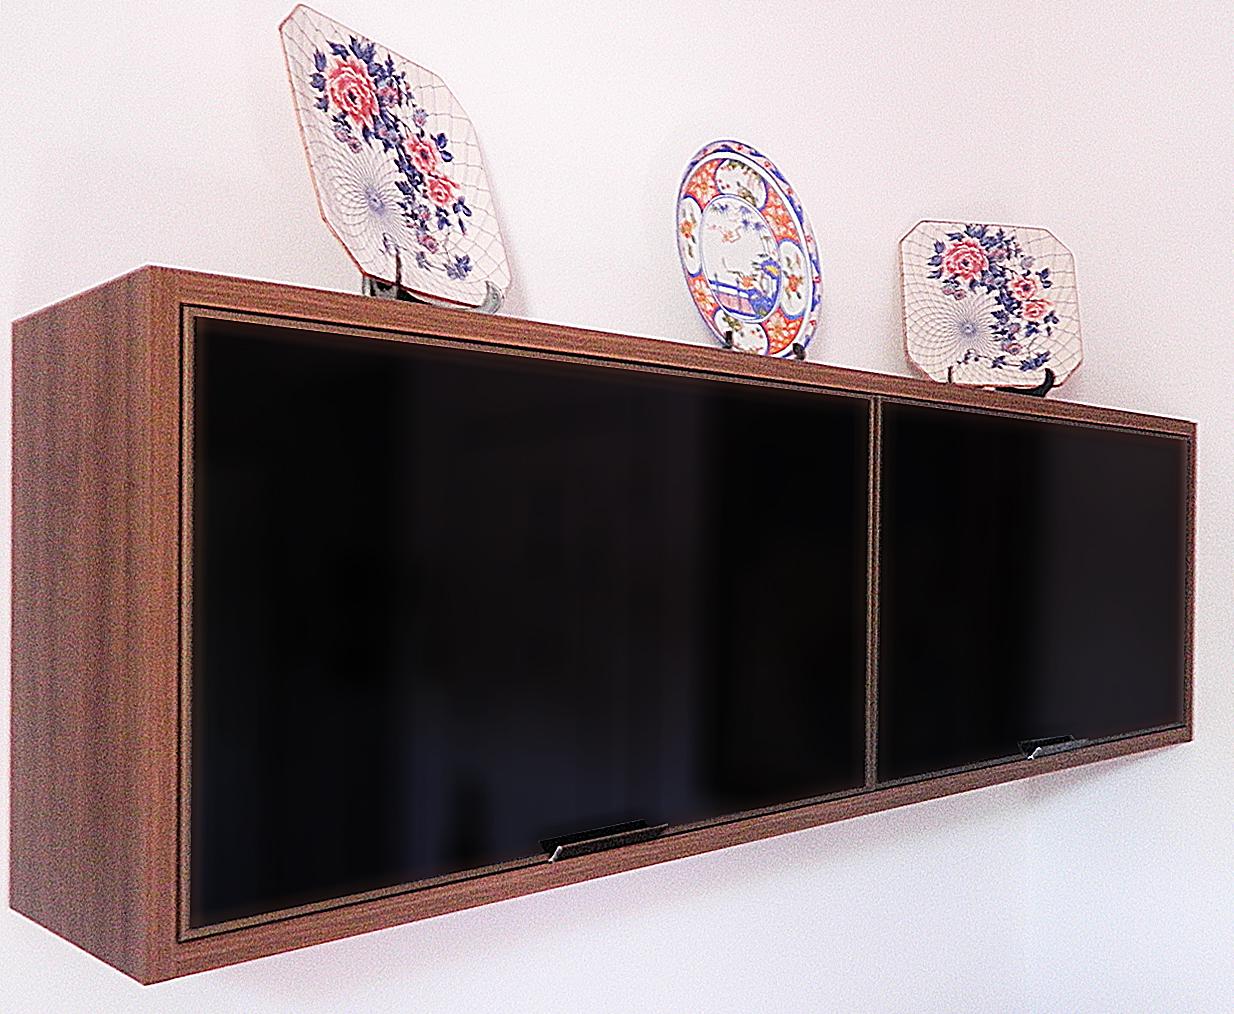 Detalhe do armário tamponado na cor ameixa e a moldura do vidro em  #894542 1234x1014